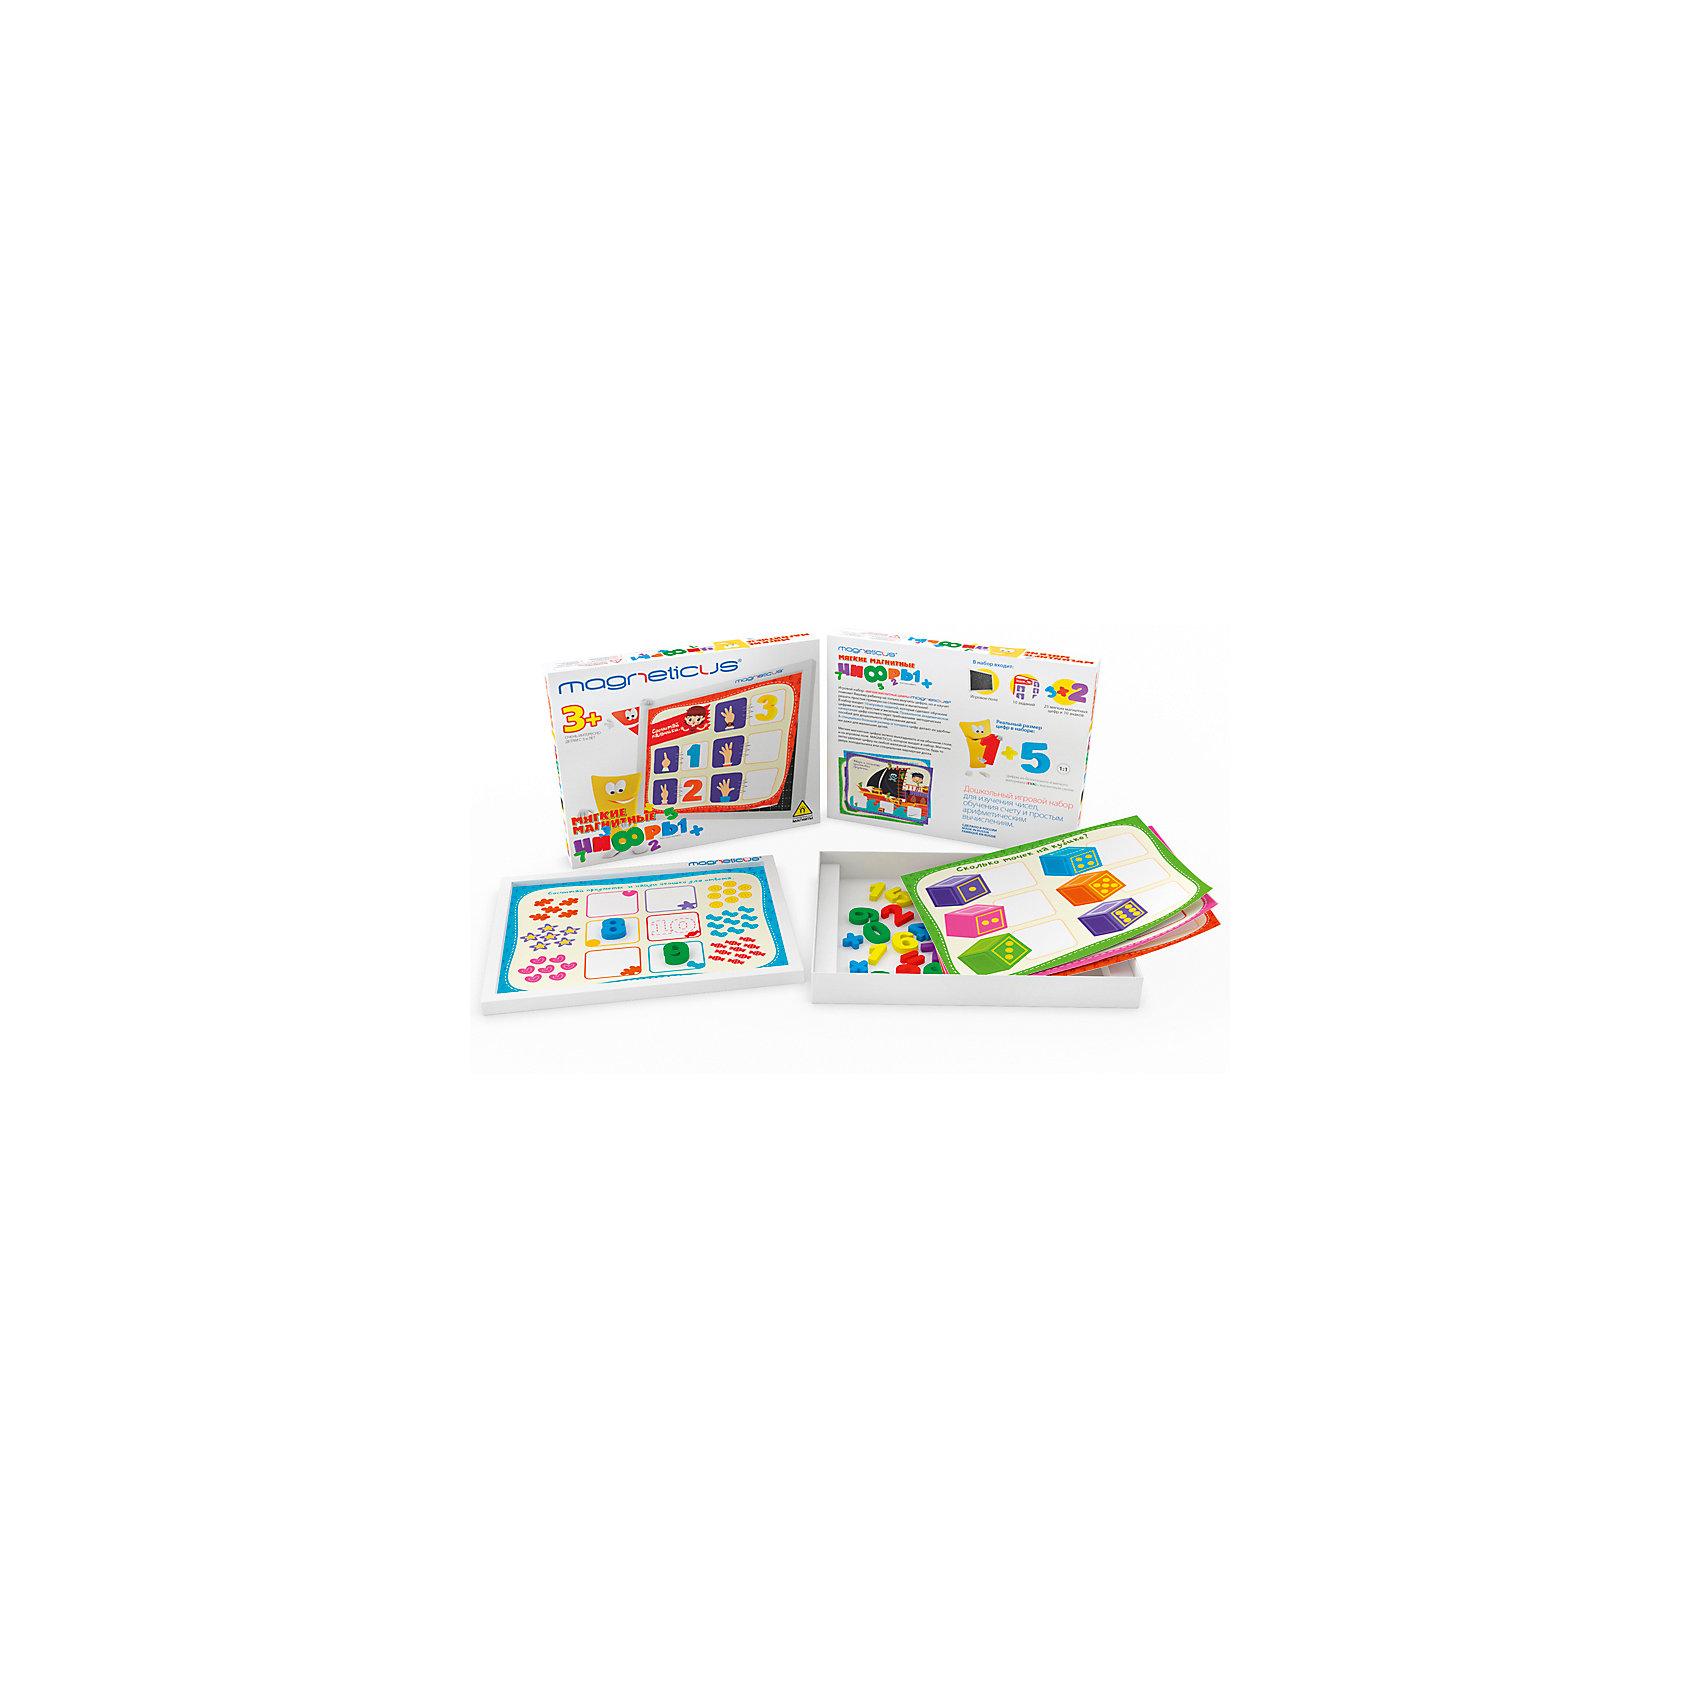 Игровой набор Мягкие магнитные цифры,  MagneticusИгры для дошкольников<br><br><br>Ширина мм: 260<br>Глубина мм: 220<br>Высота мм: 40<br>Вес г: 200<br>Возраст от месяцев: 36<br>Возраст до месяцев: 96<br>Пол: Унисекс<br>Возраст: Детский<br>SKU: 5613497